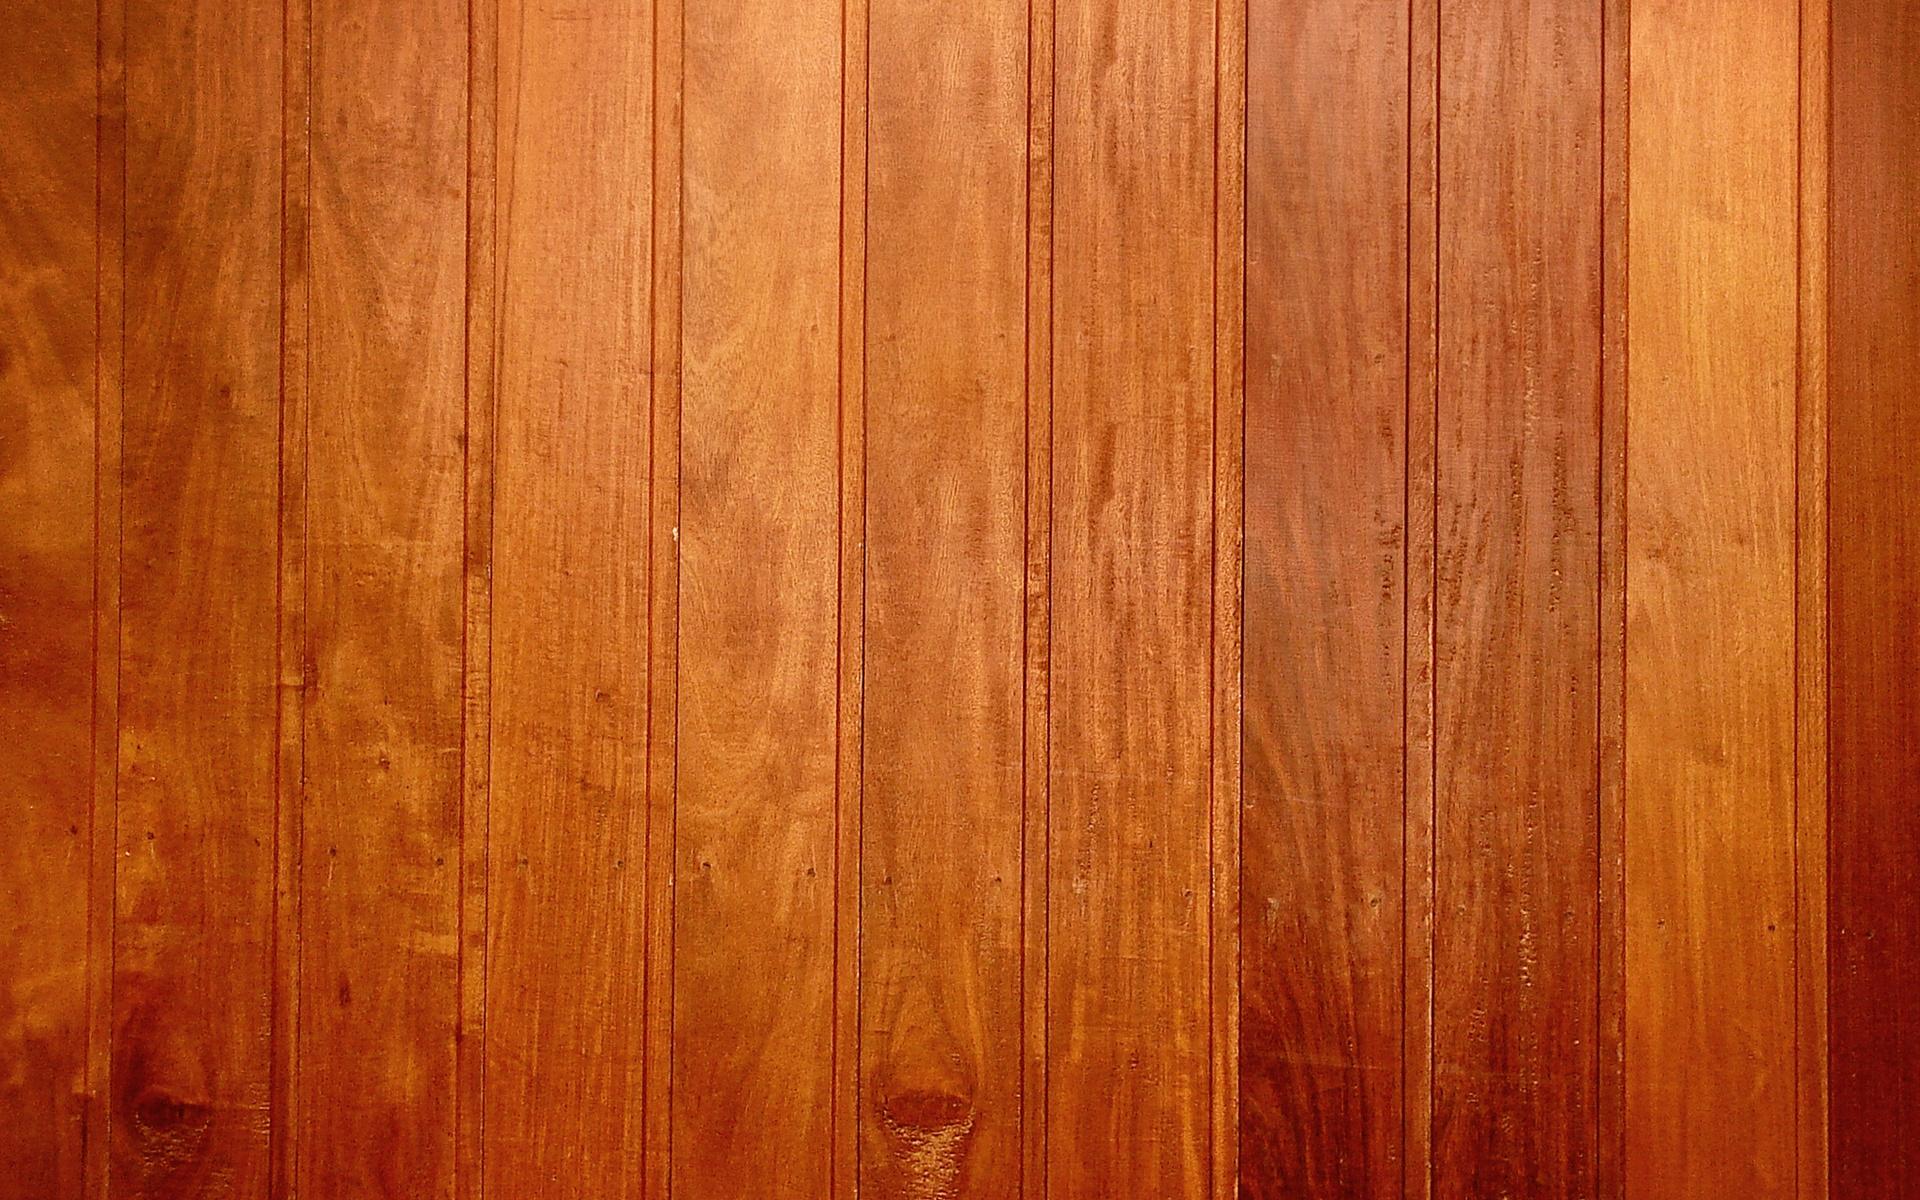 Wallpaper  texture background wooden floor board